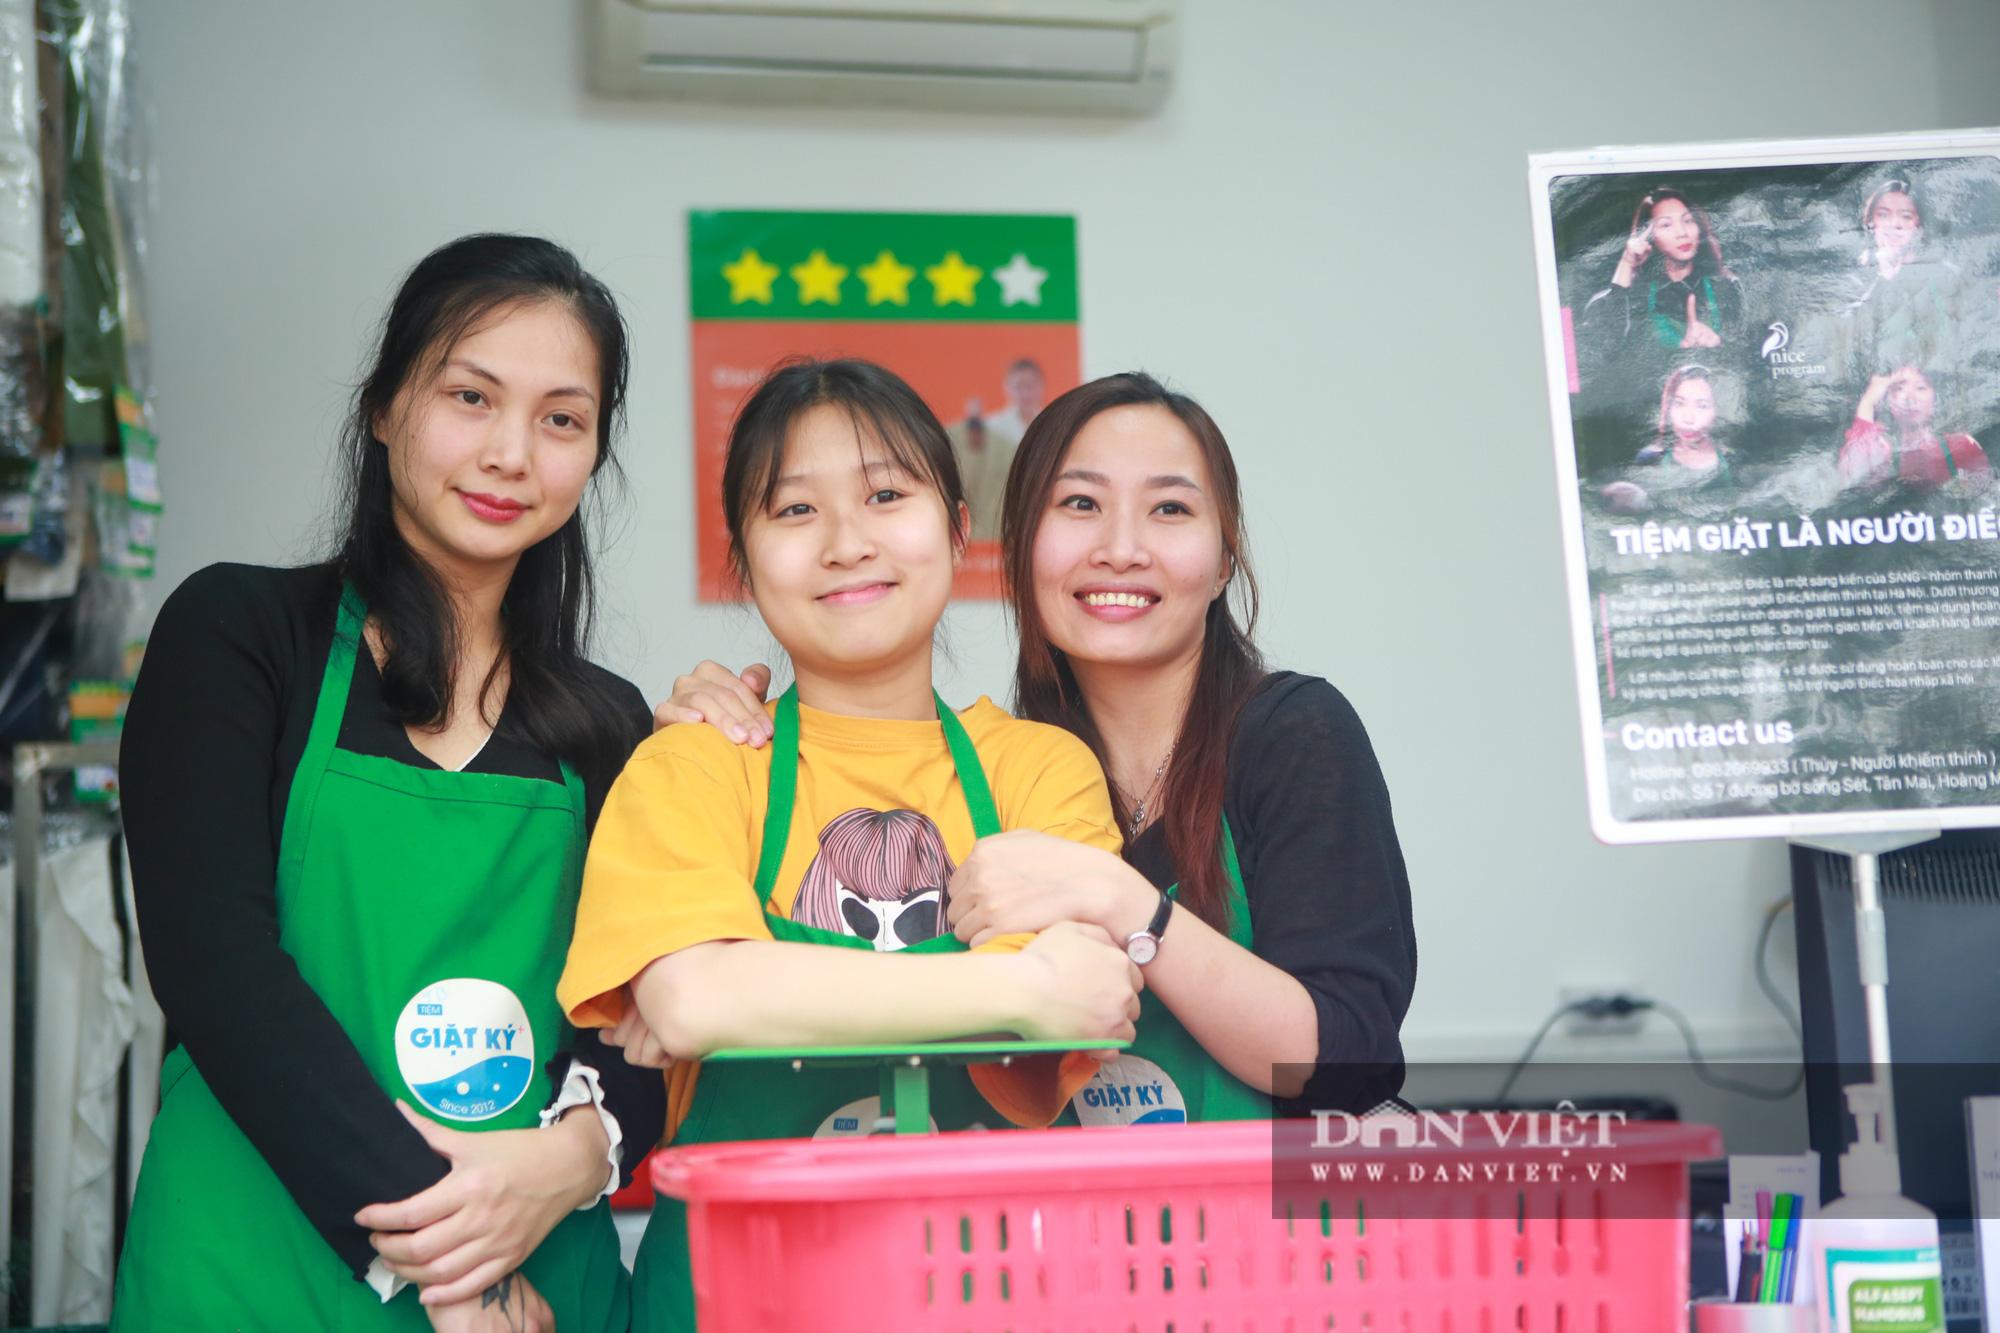 Tiệm giặt là không tiếng nói của những cô gái xinh đẹp tại Hà Nội - Ảnh 12.